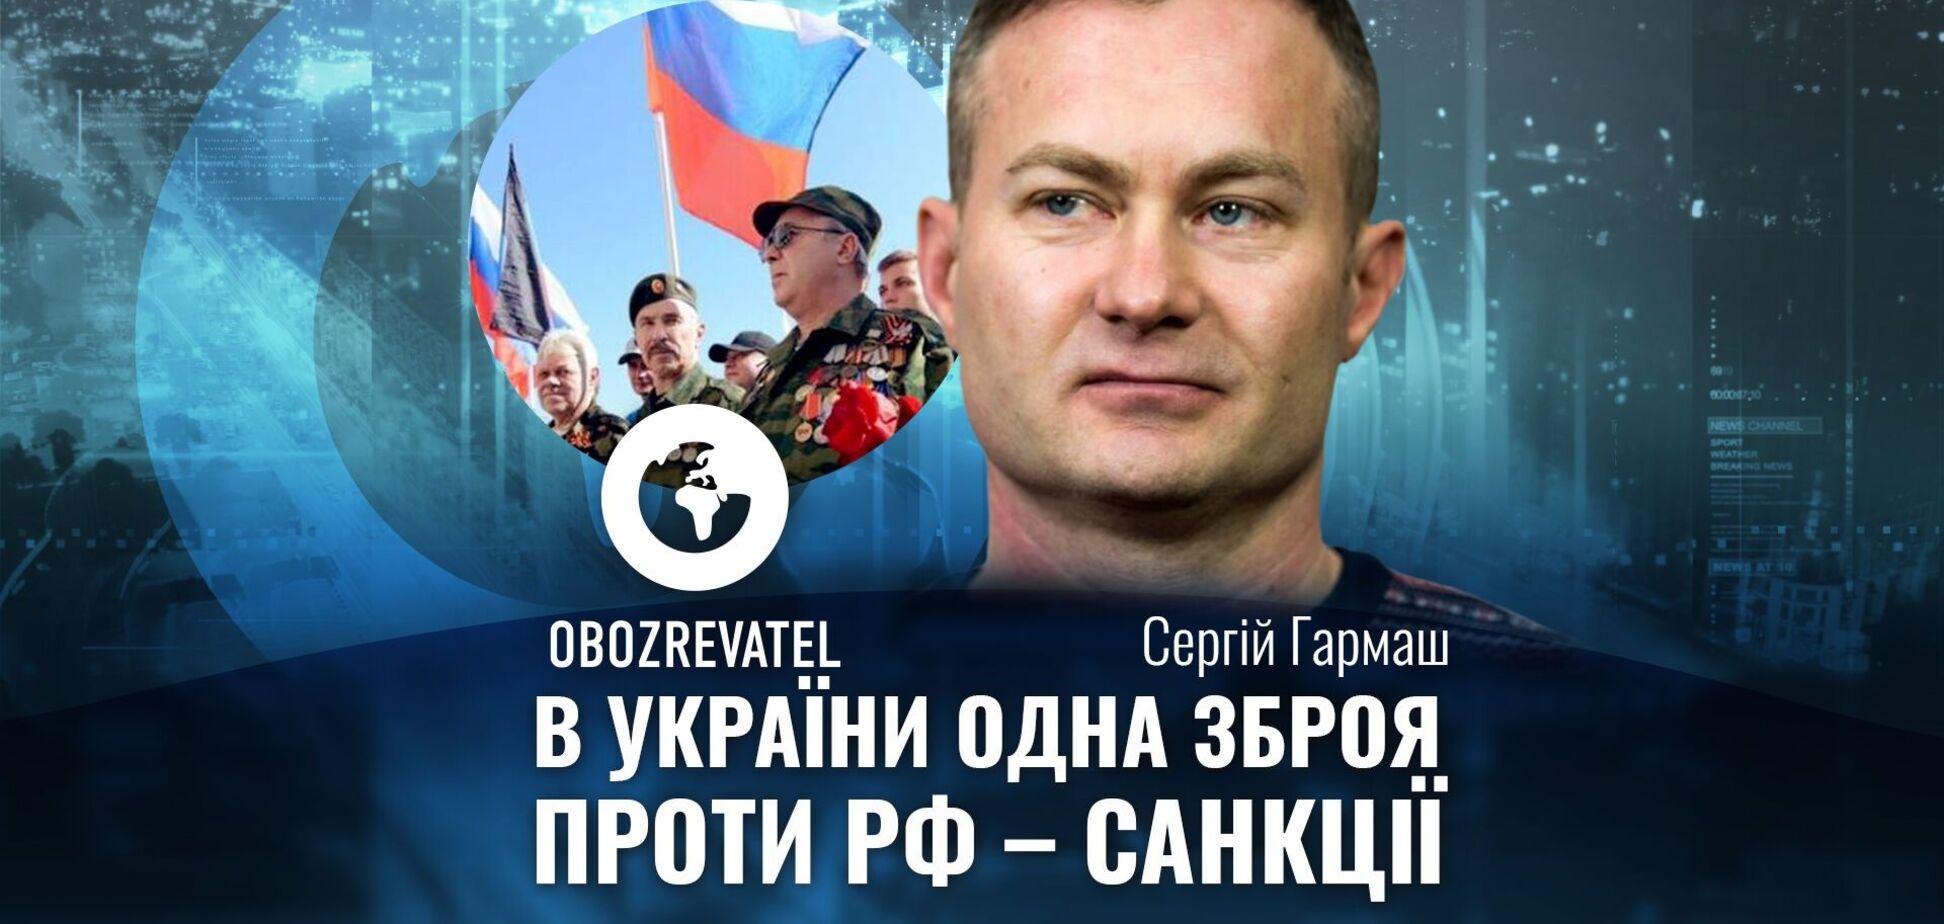 Гармаш: Кремль готов к расширению 'Л/ДНР'